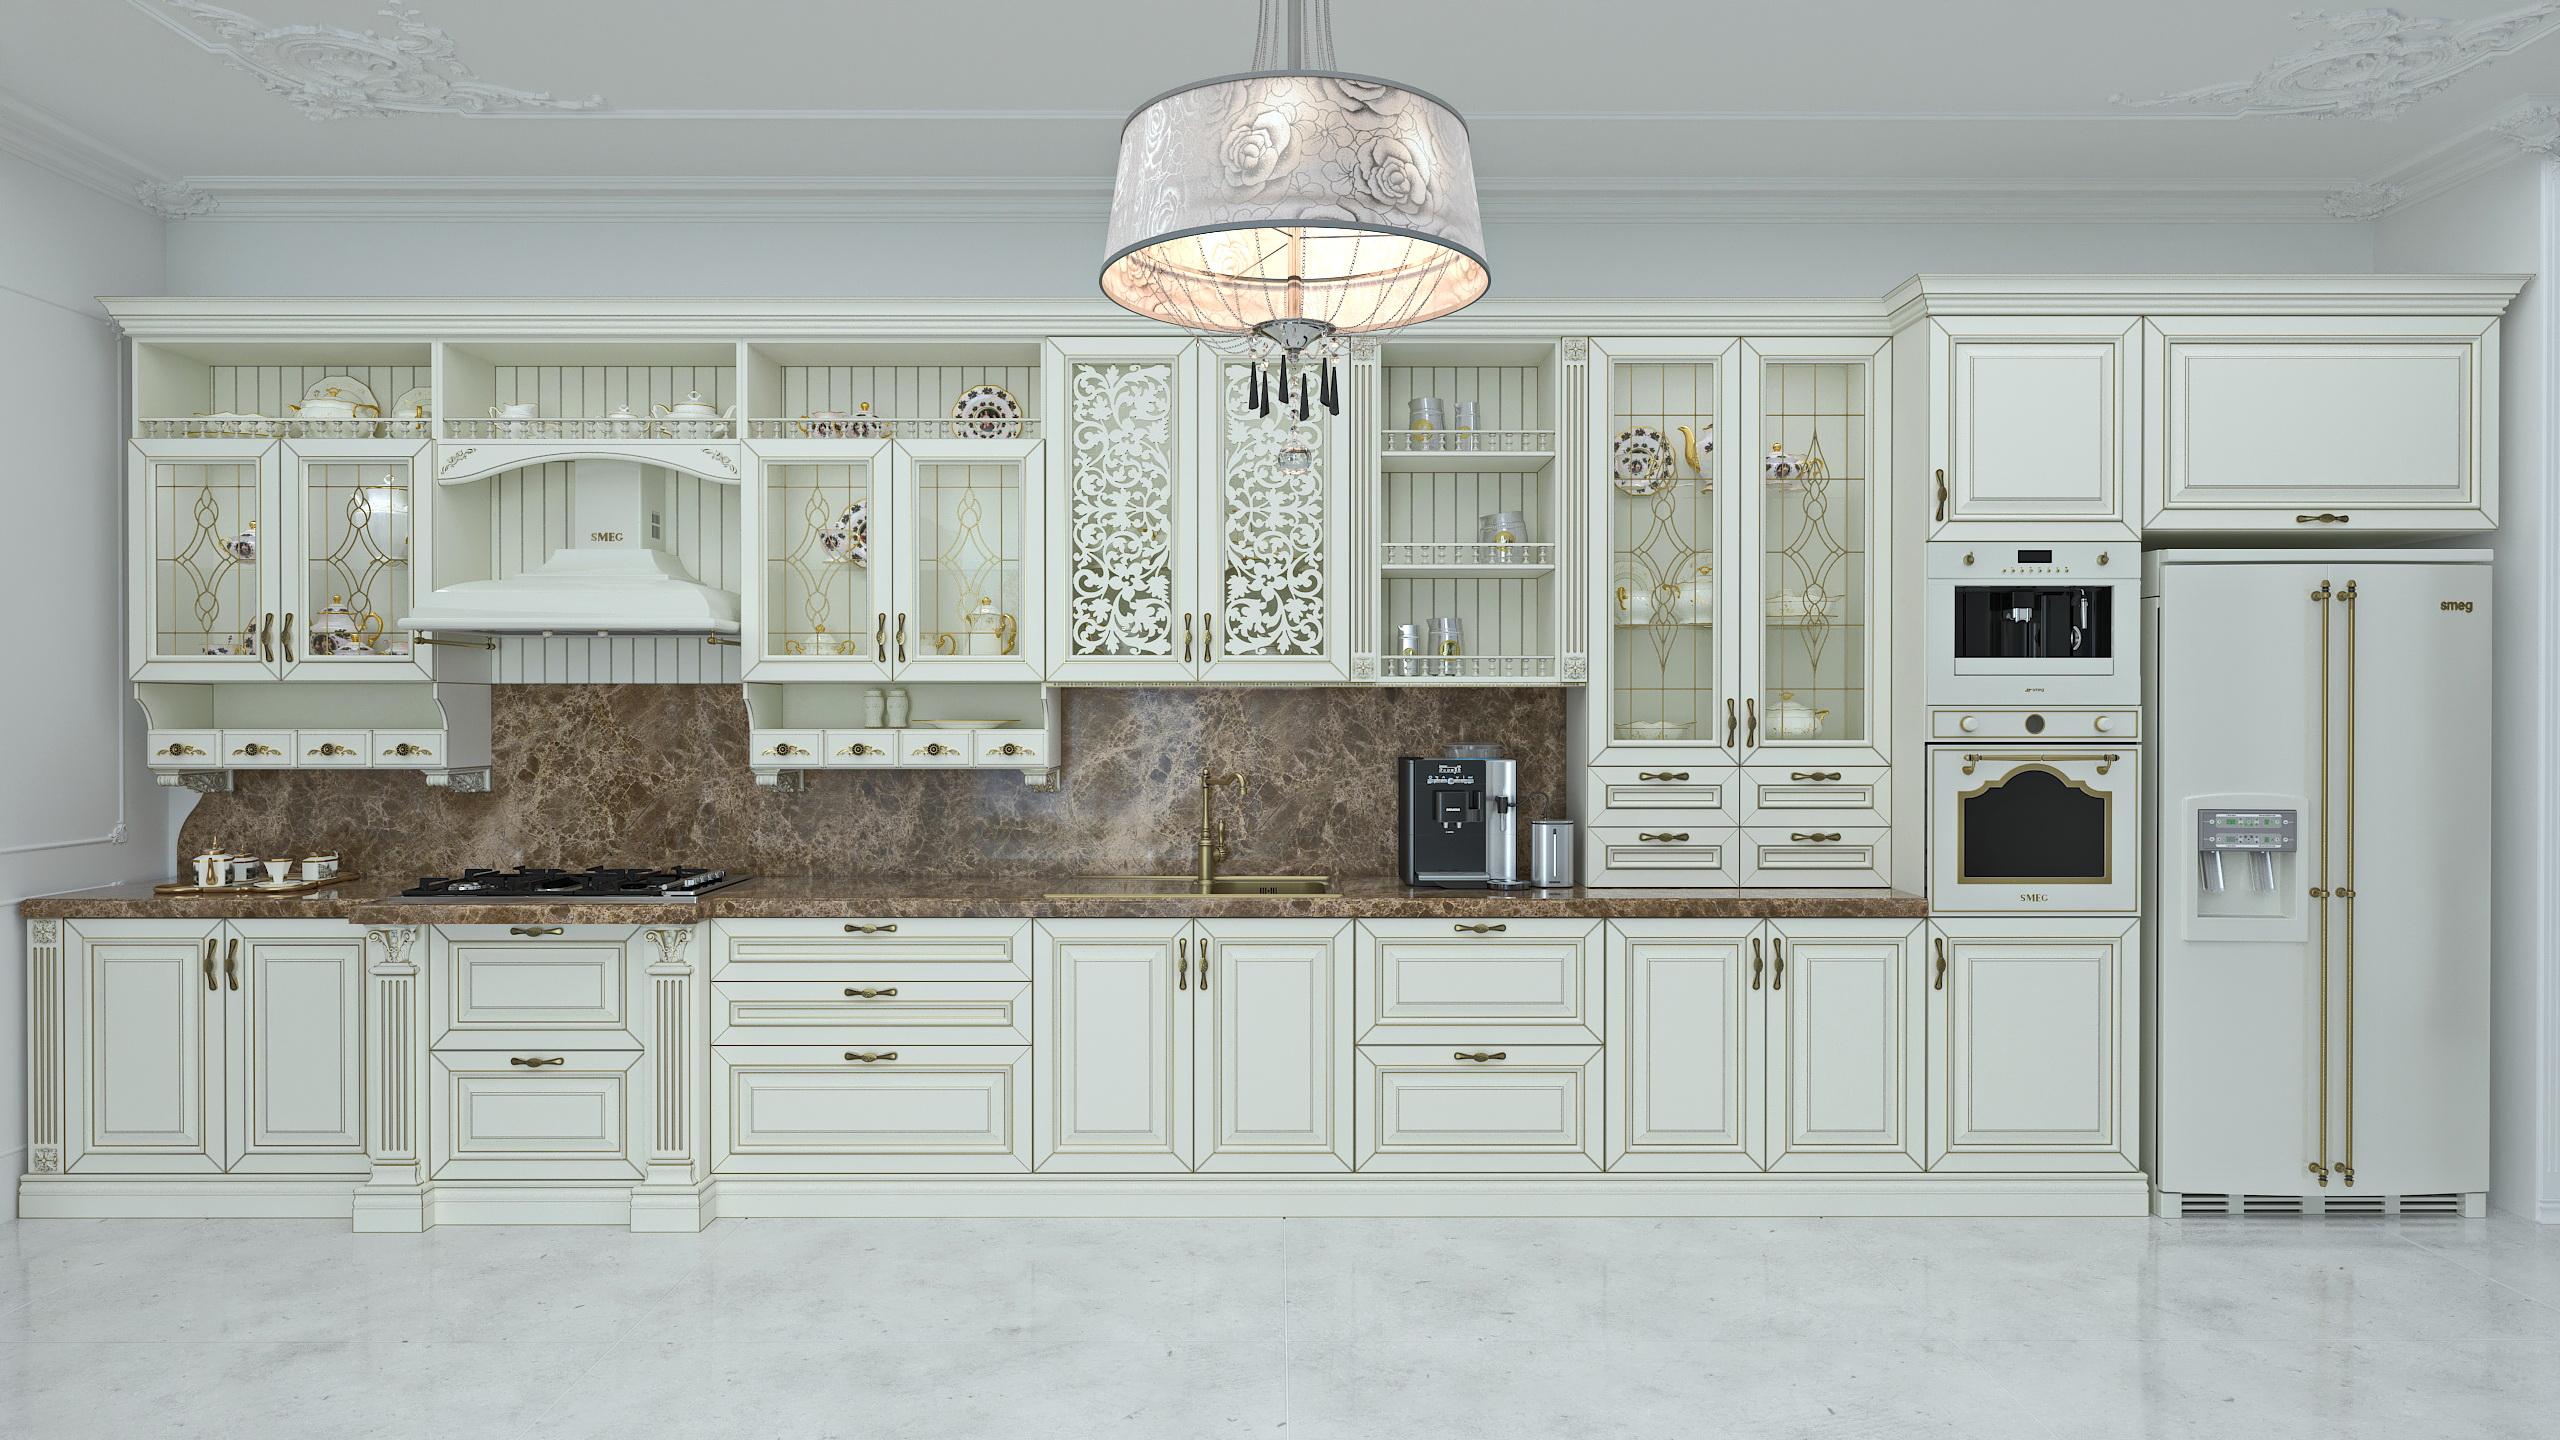 Visualização 3D do projecto no A cozinha em estilo clássico SolidWorks , processar vray 3.0 Дмитрий Гальцов